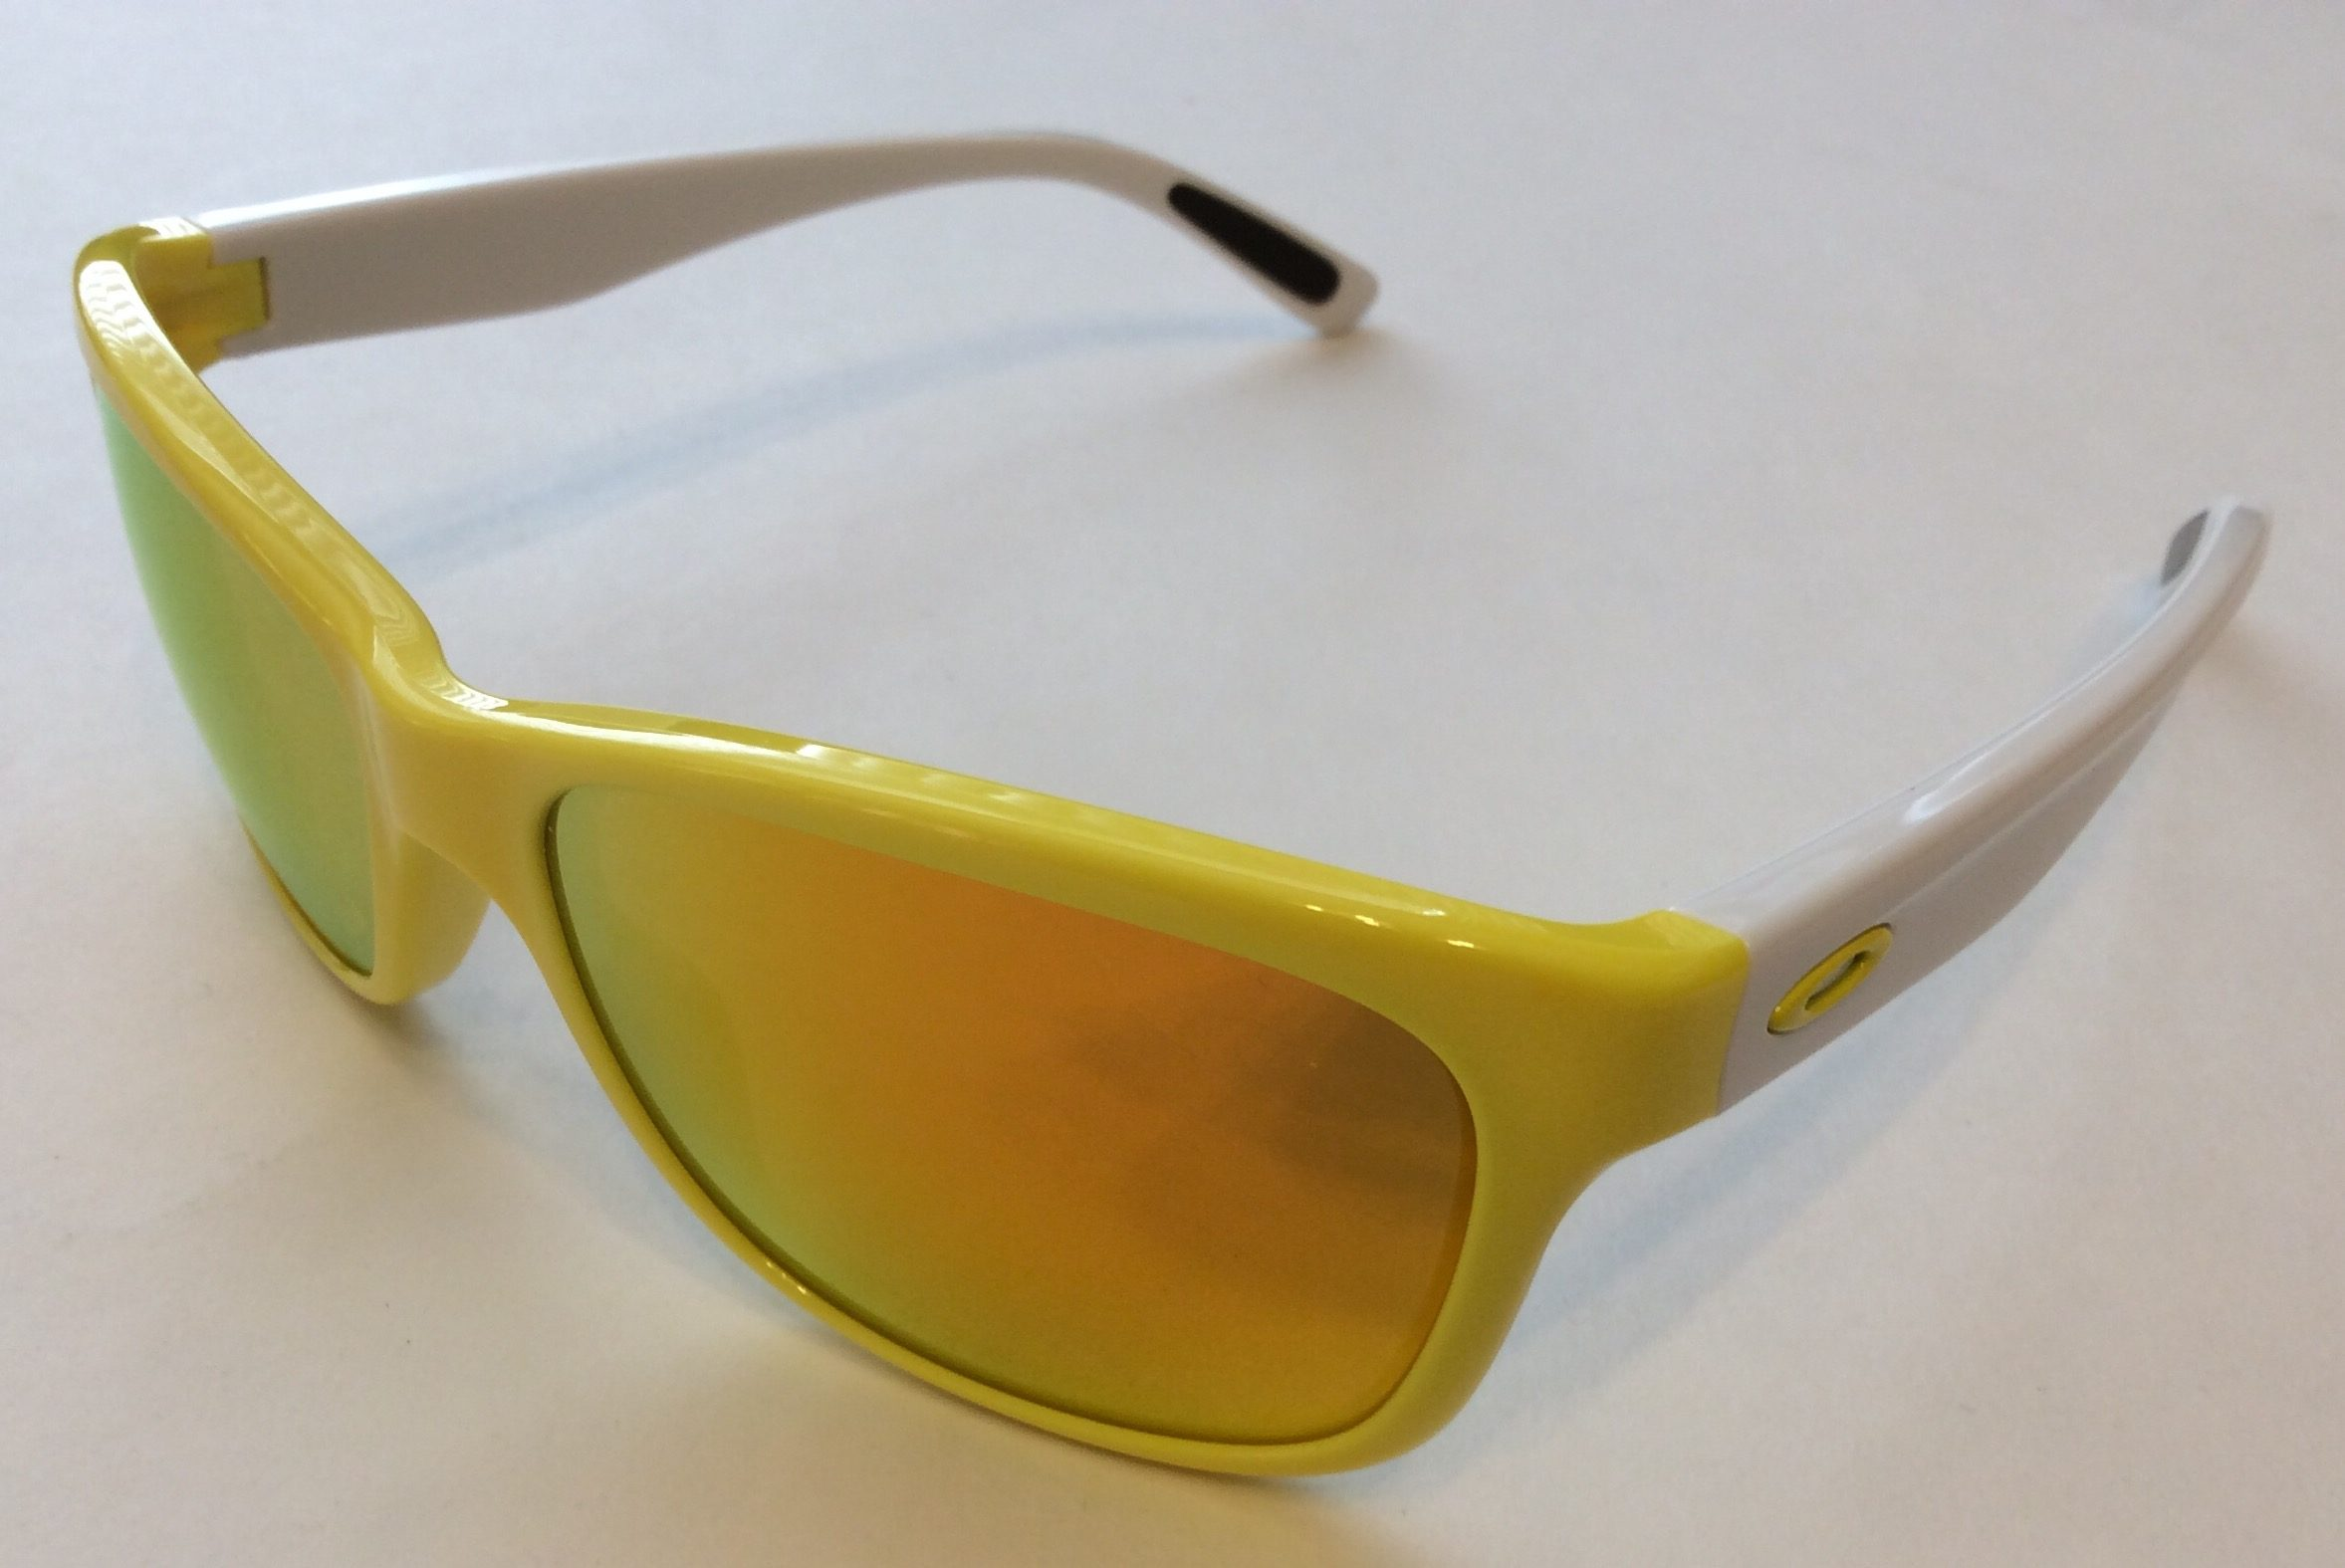 98dc7bb152 Oakley Forehand Sunglasses - Sunflower Yellow White - Fire Iridium OO9179-16